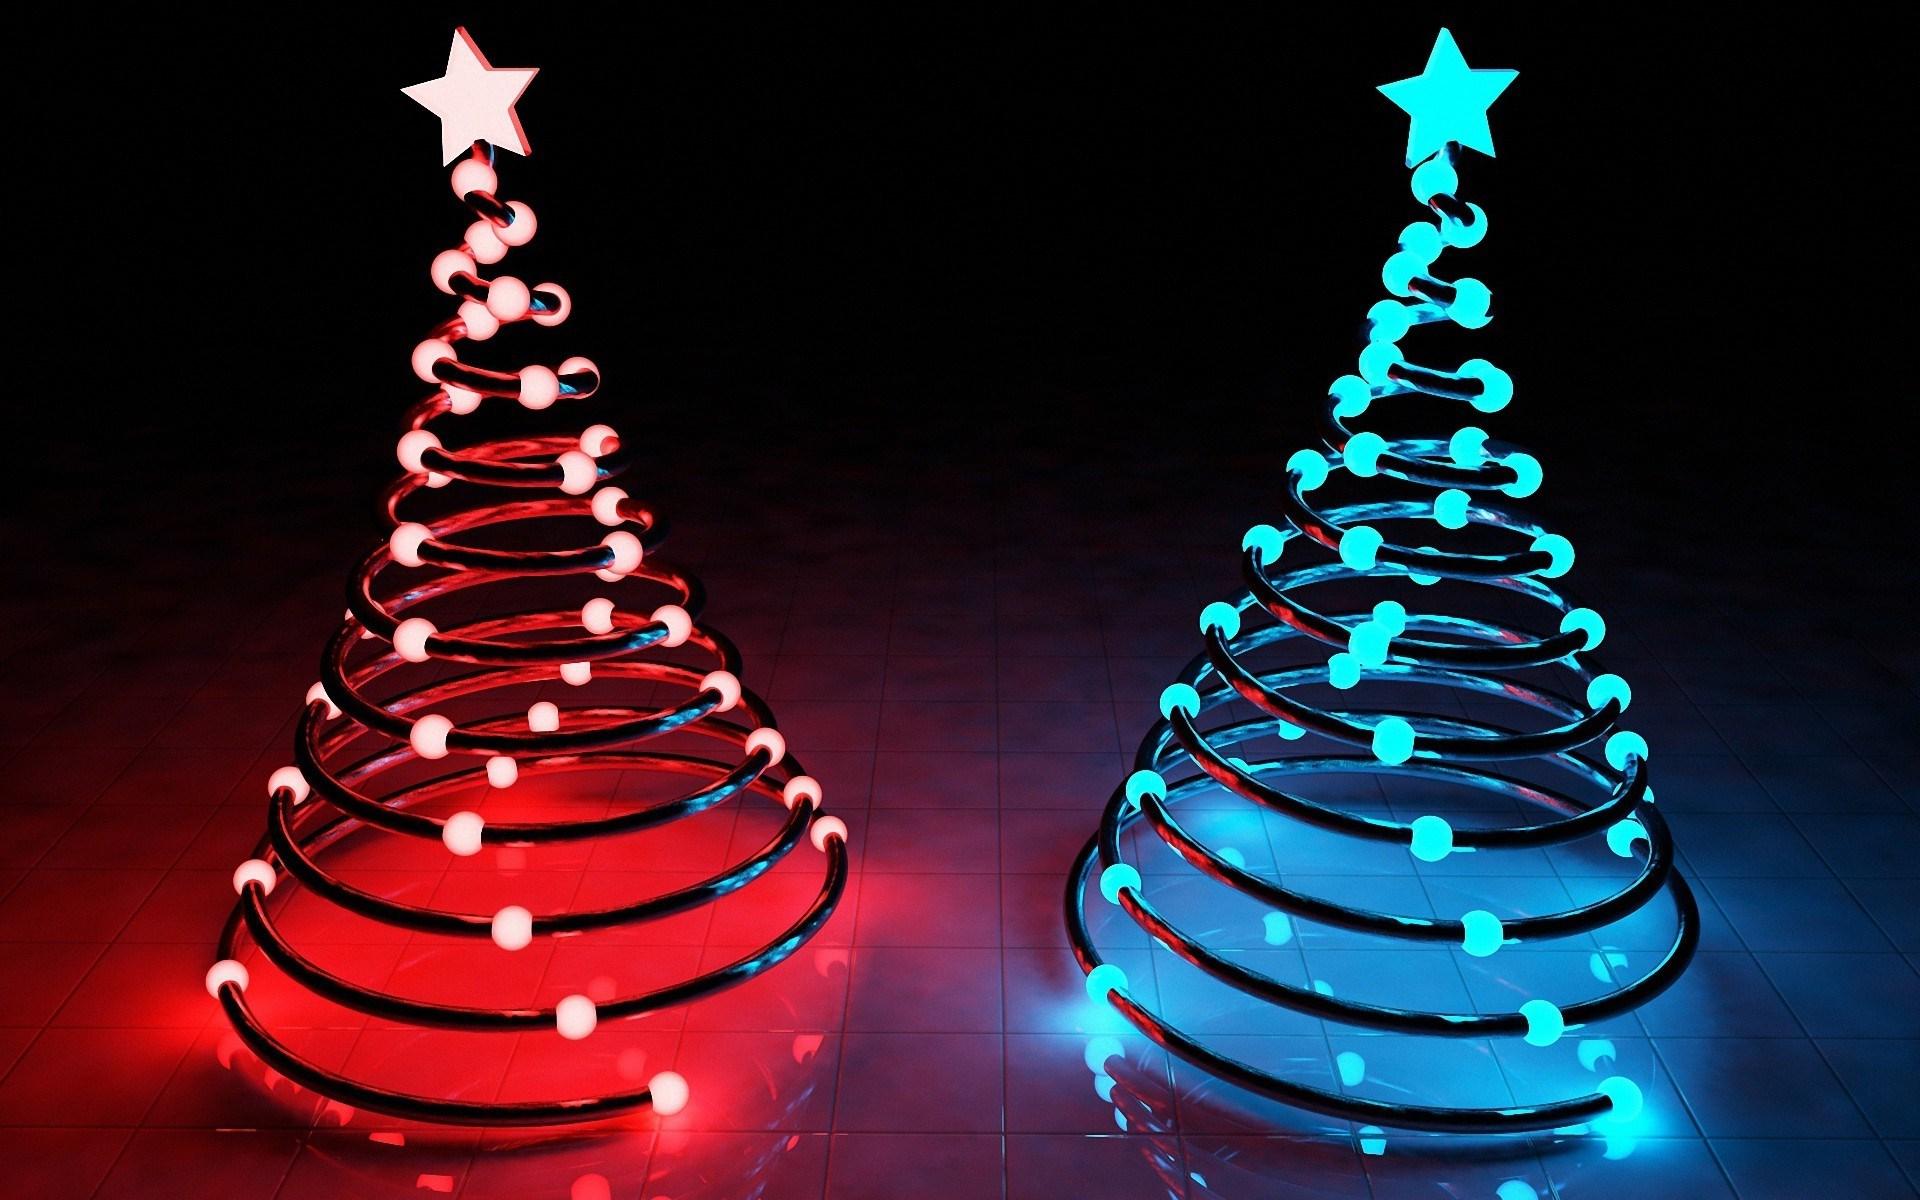 Лучшие обои для рабочего стола Новый год зима (16)